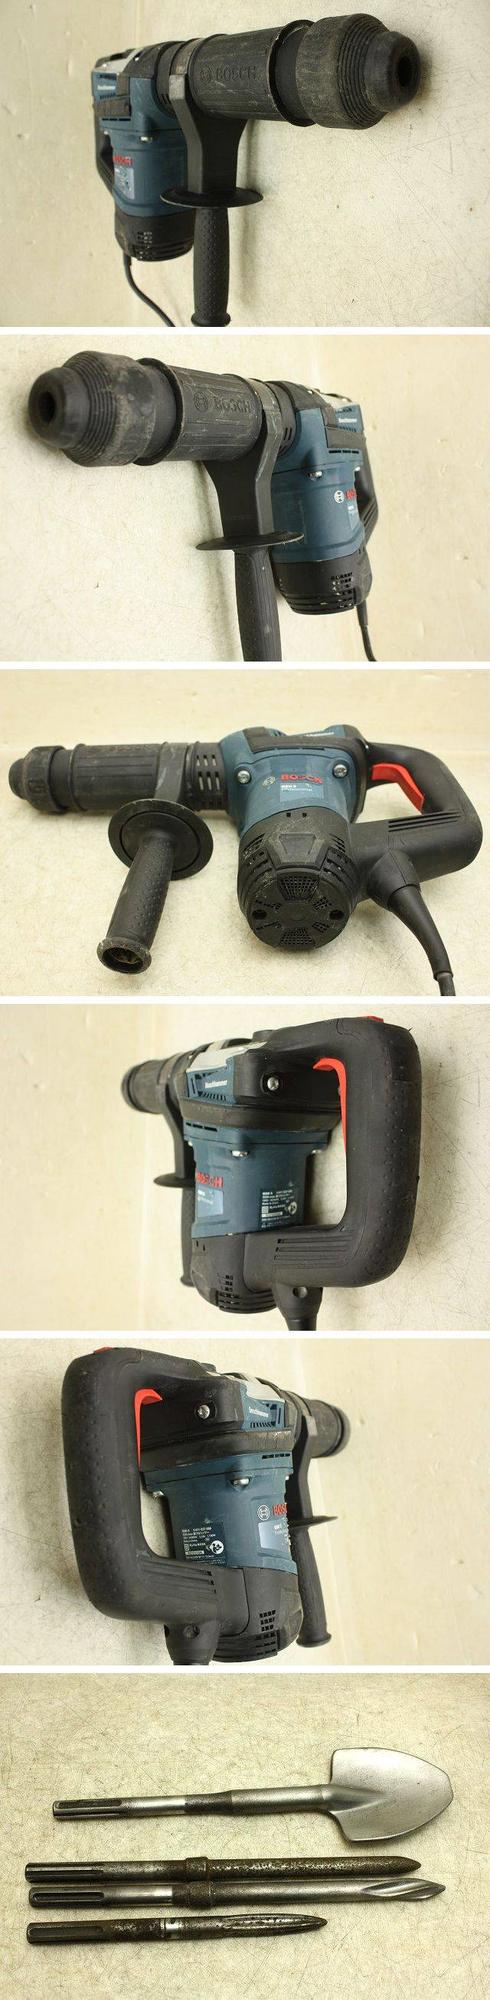 ボッシュ SDS-max 破つりハンマー GSH5高価買取店大阪アシスト